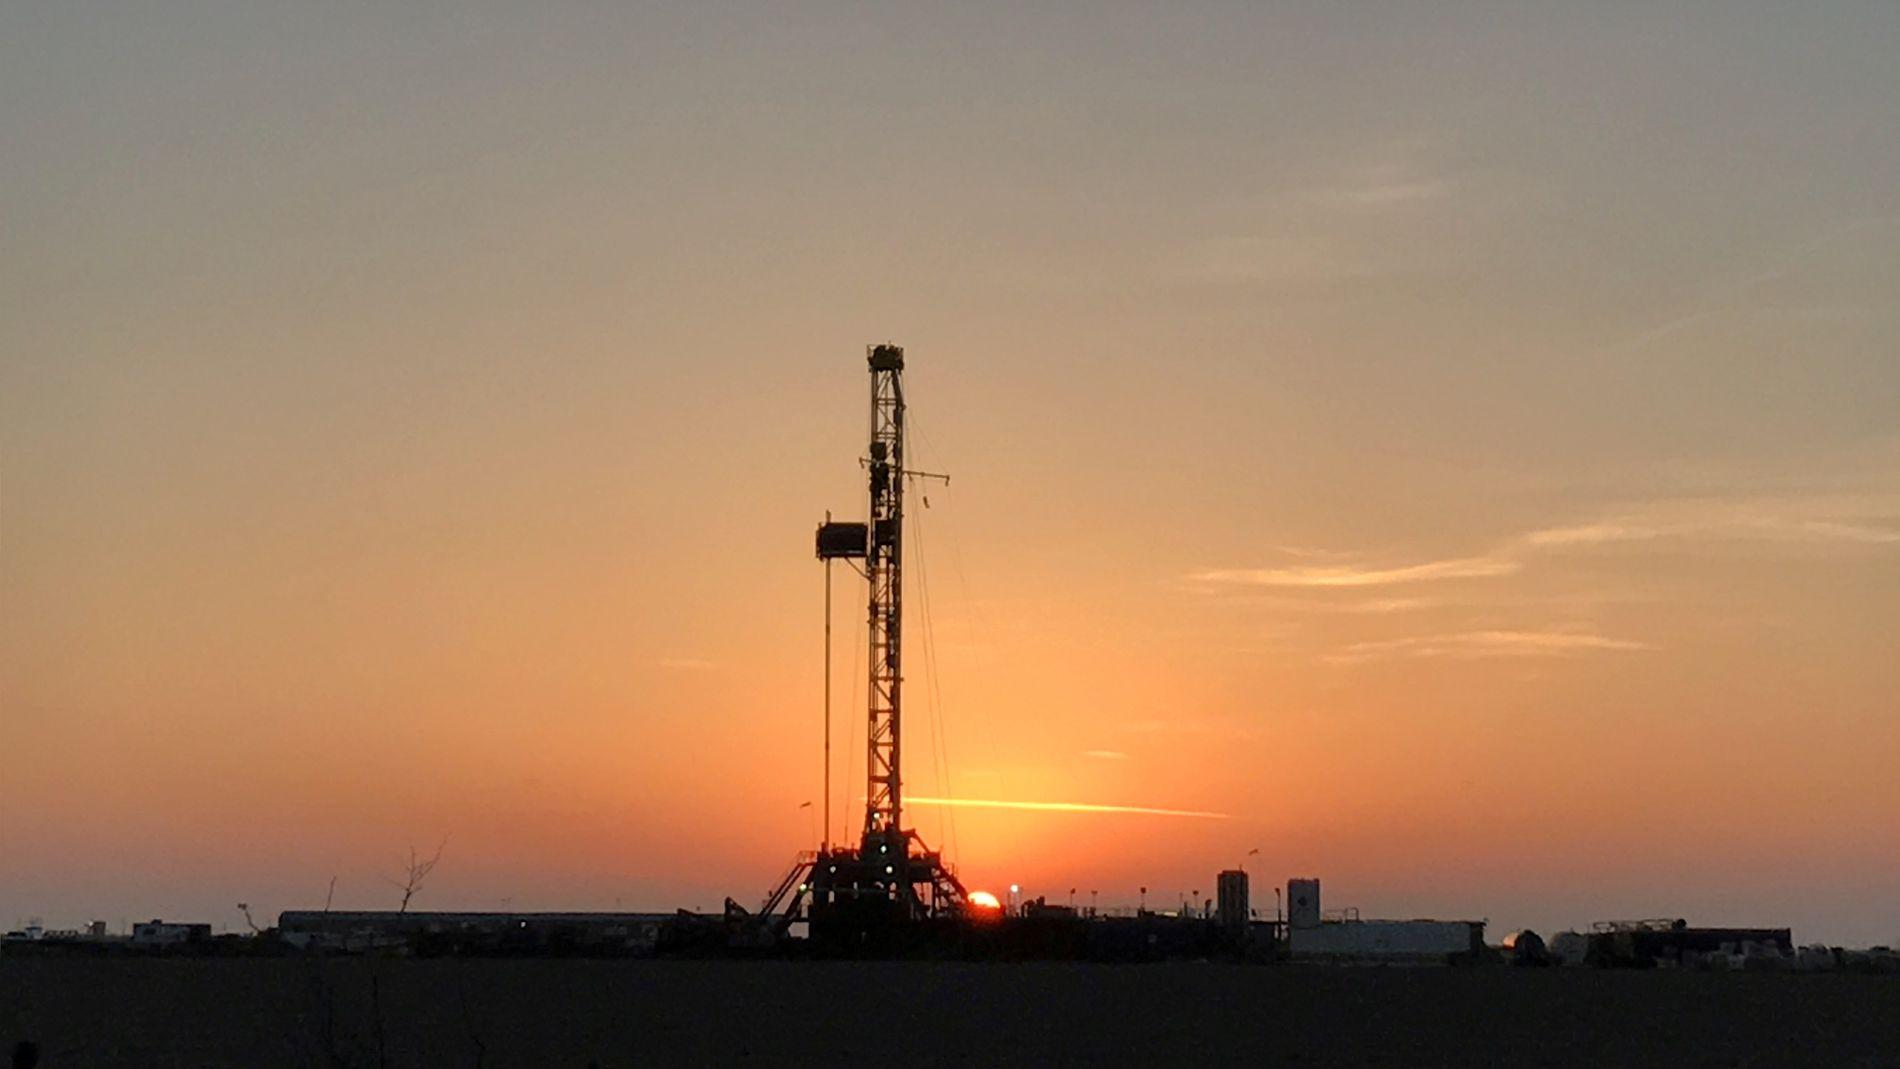 OLJENASJONEN USA: Skiferoljen har gjort USA til oljegigant, og veksten er ventet å fortsette. Her fra en rigg i Texas.